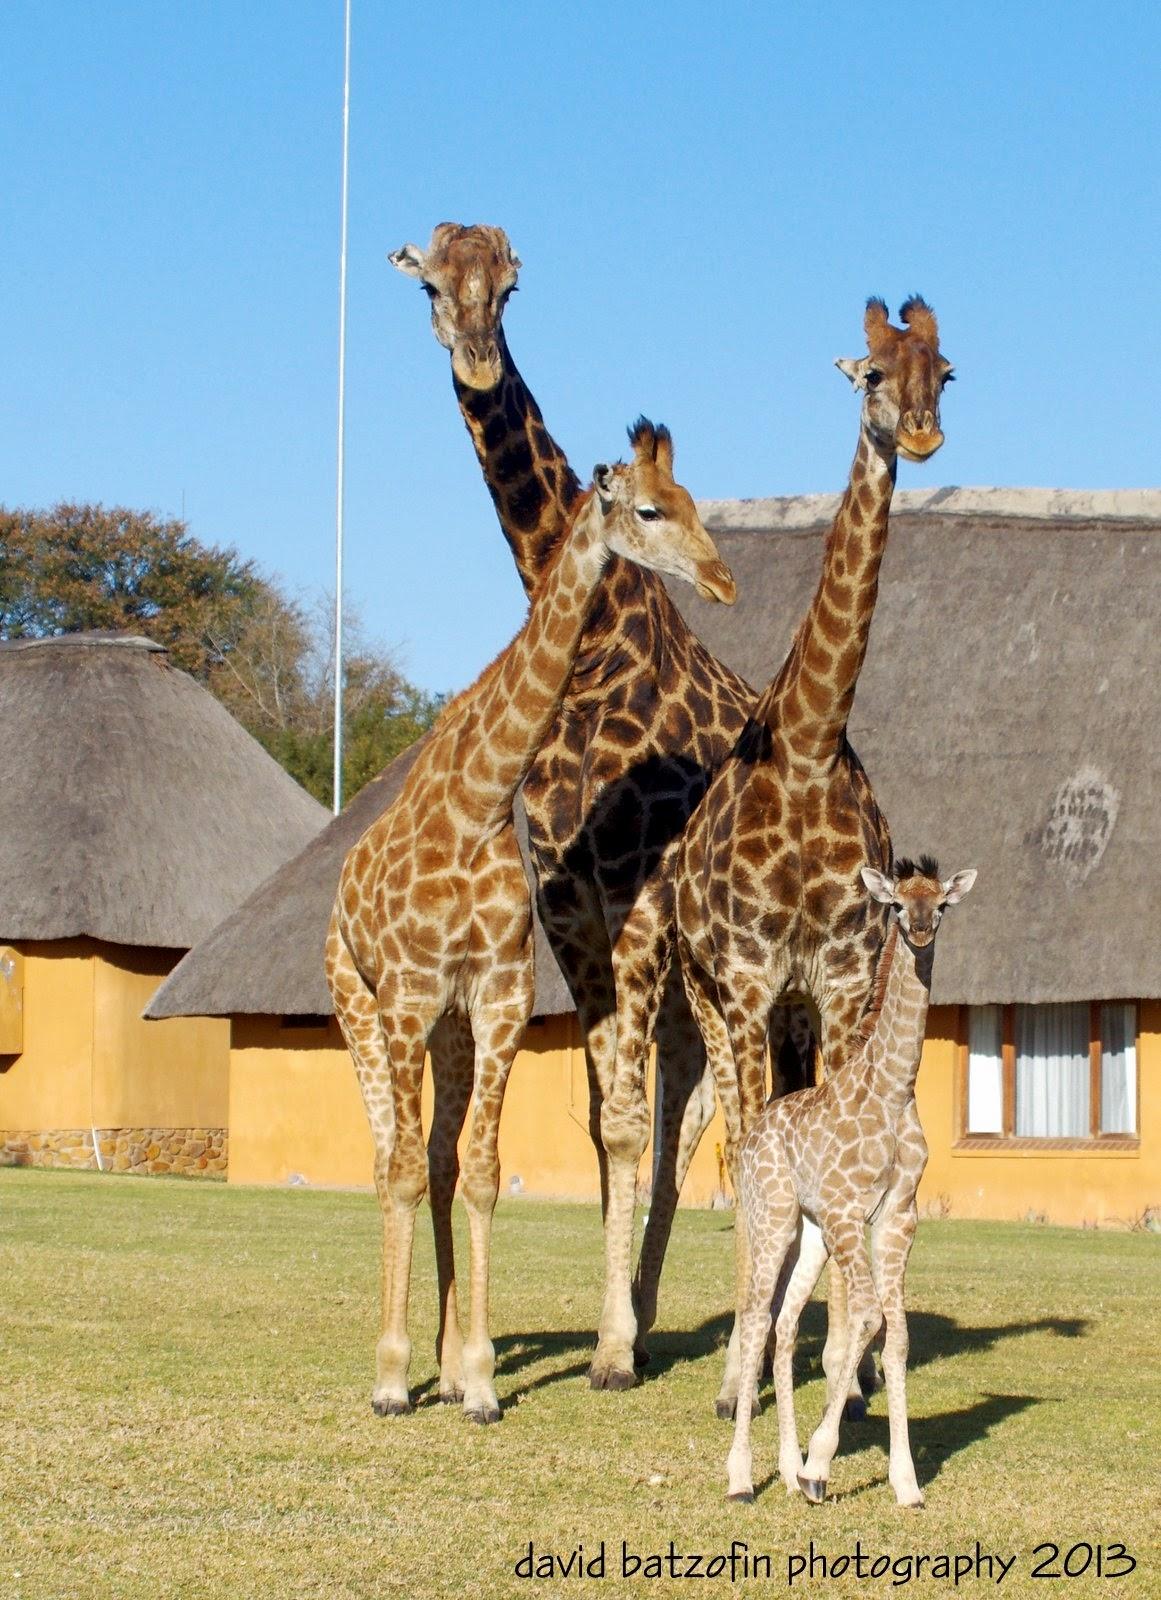 Картинки жирафов настоящих, учителю